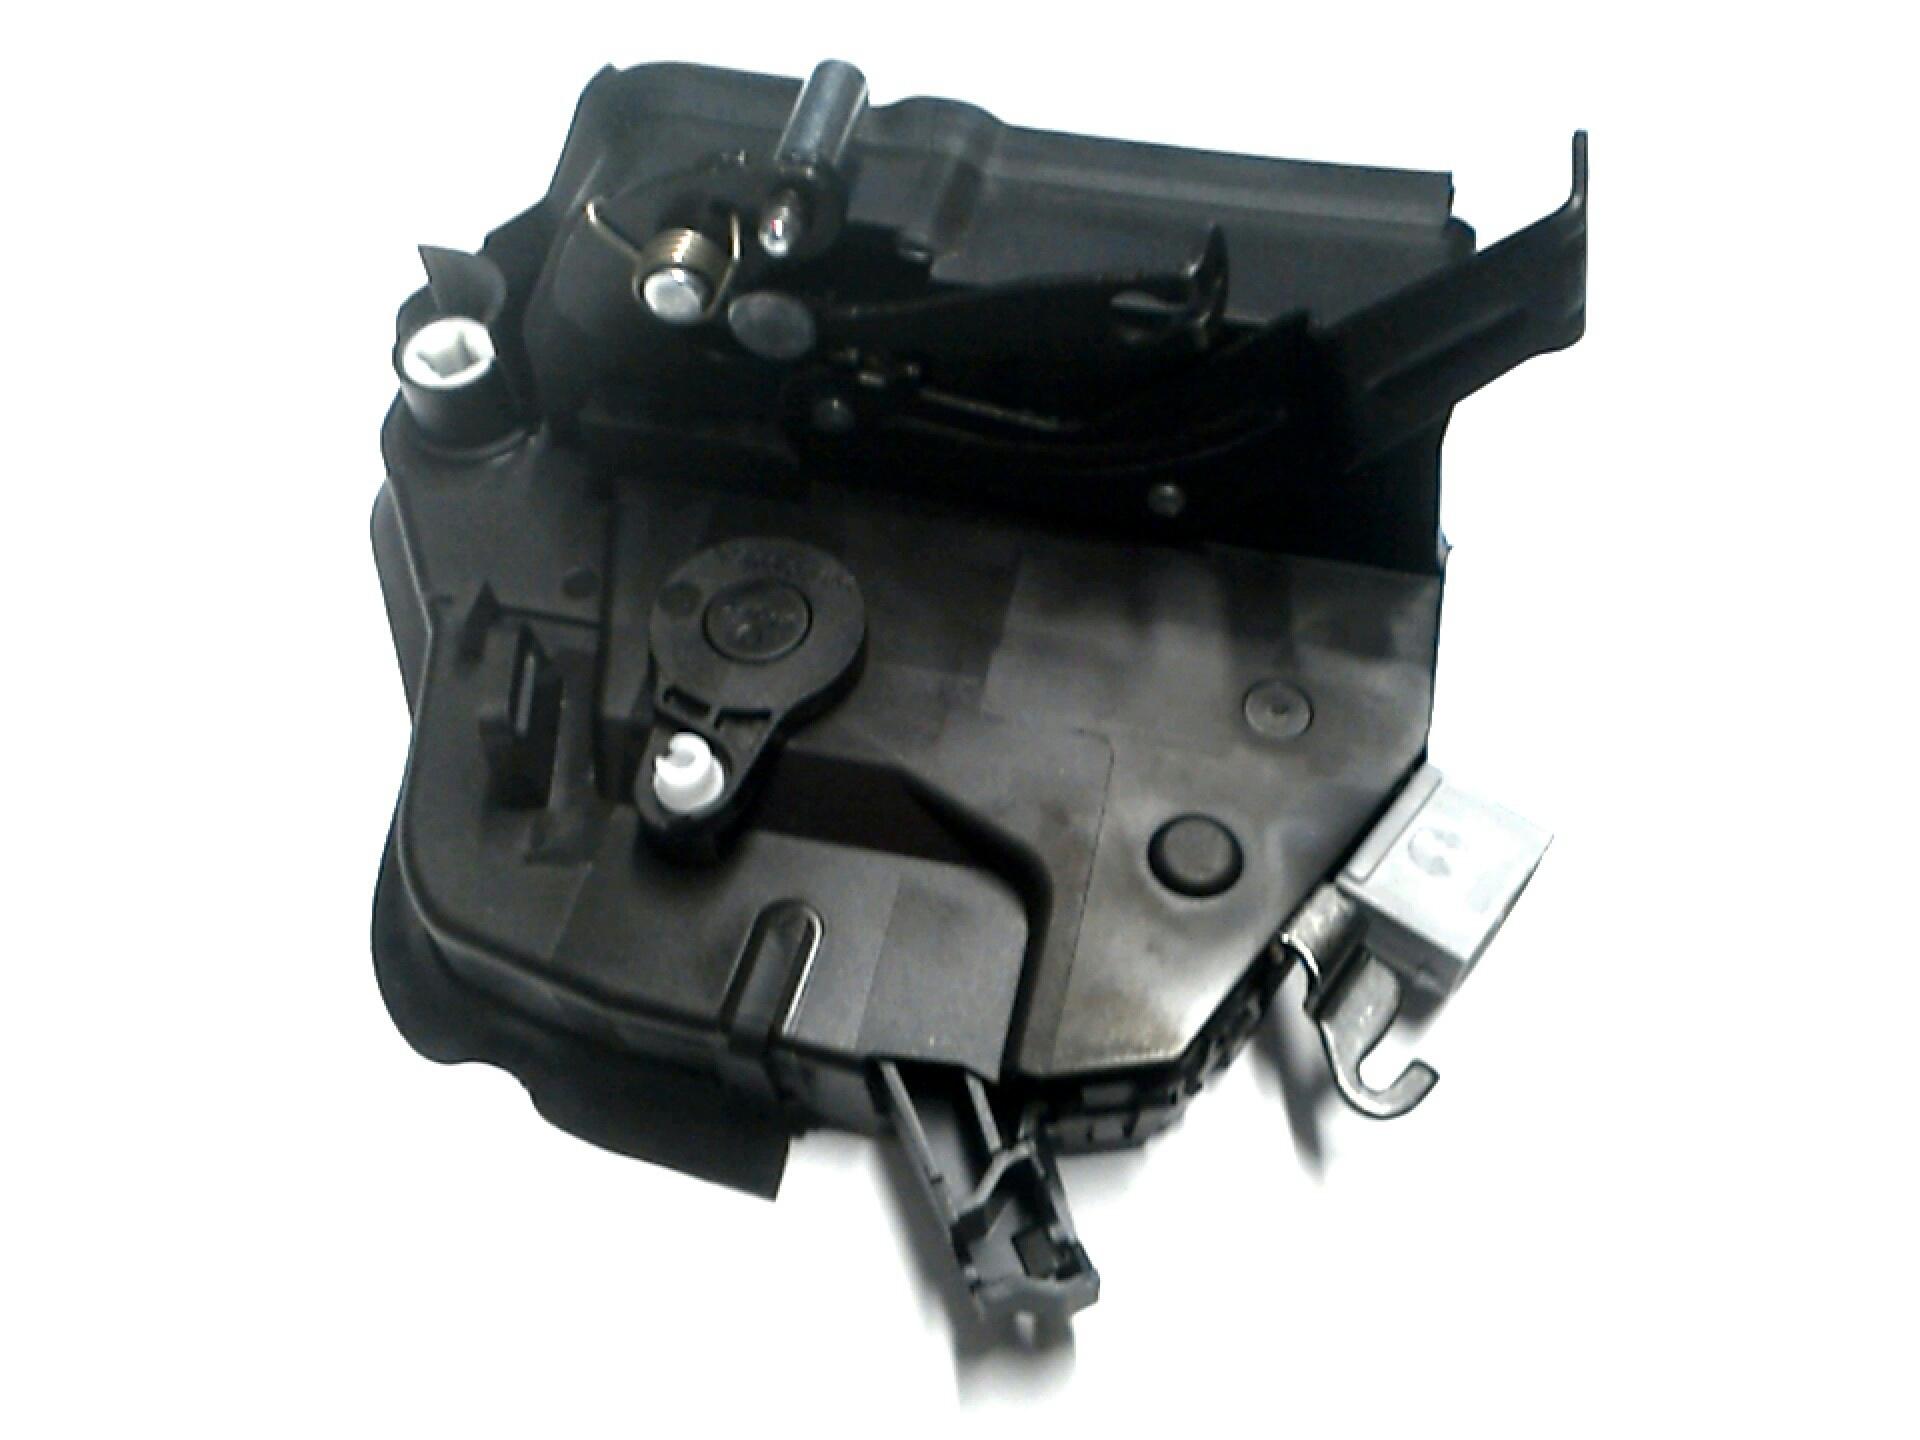 Bmw 325ci Door Lock With Motor Actuator Left Front Trim Swivel Handle Body 51217011247